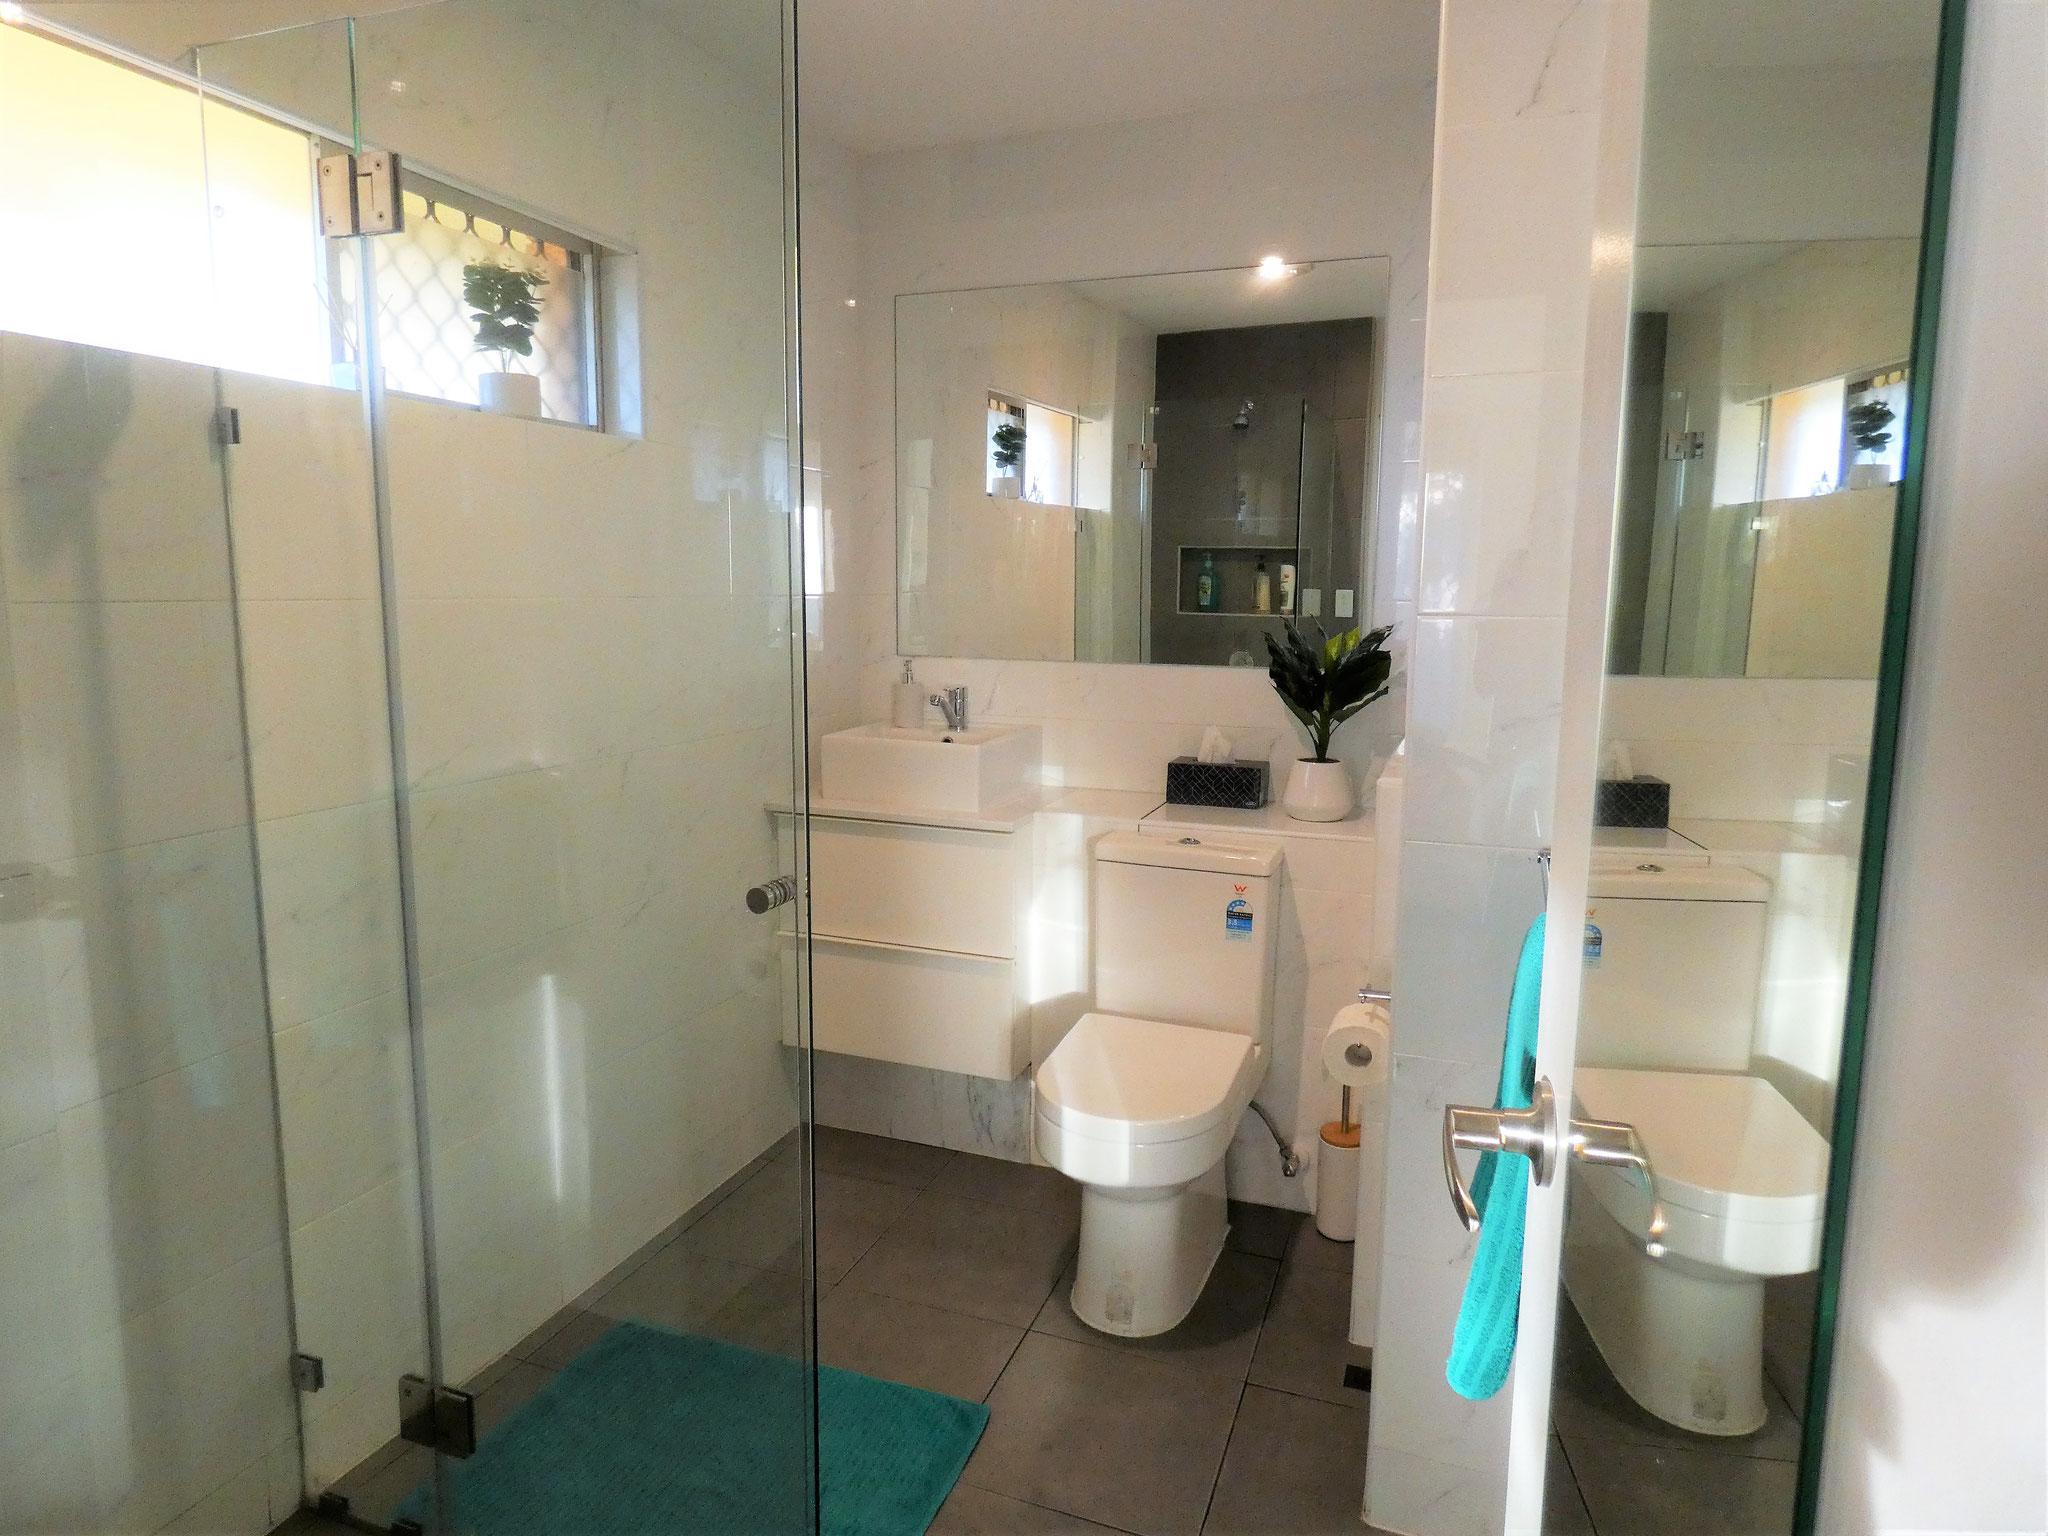 Ensuite Bathroom - After